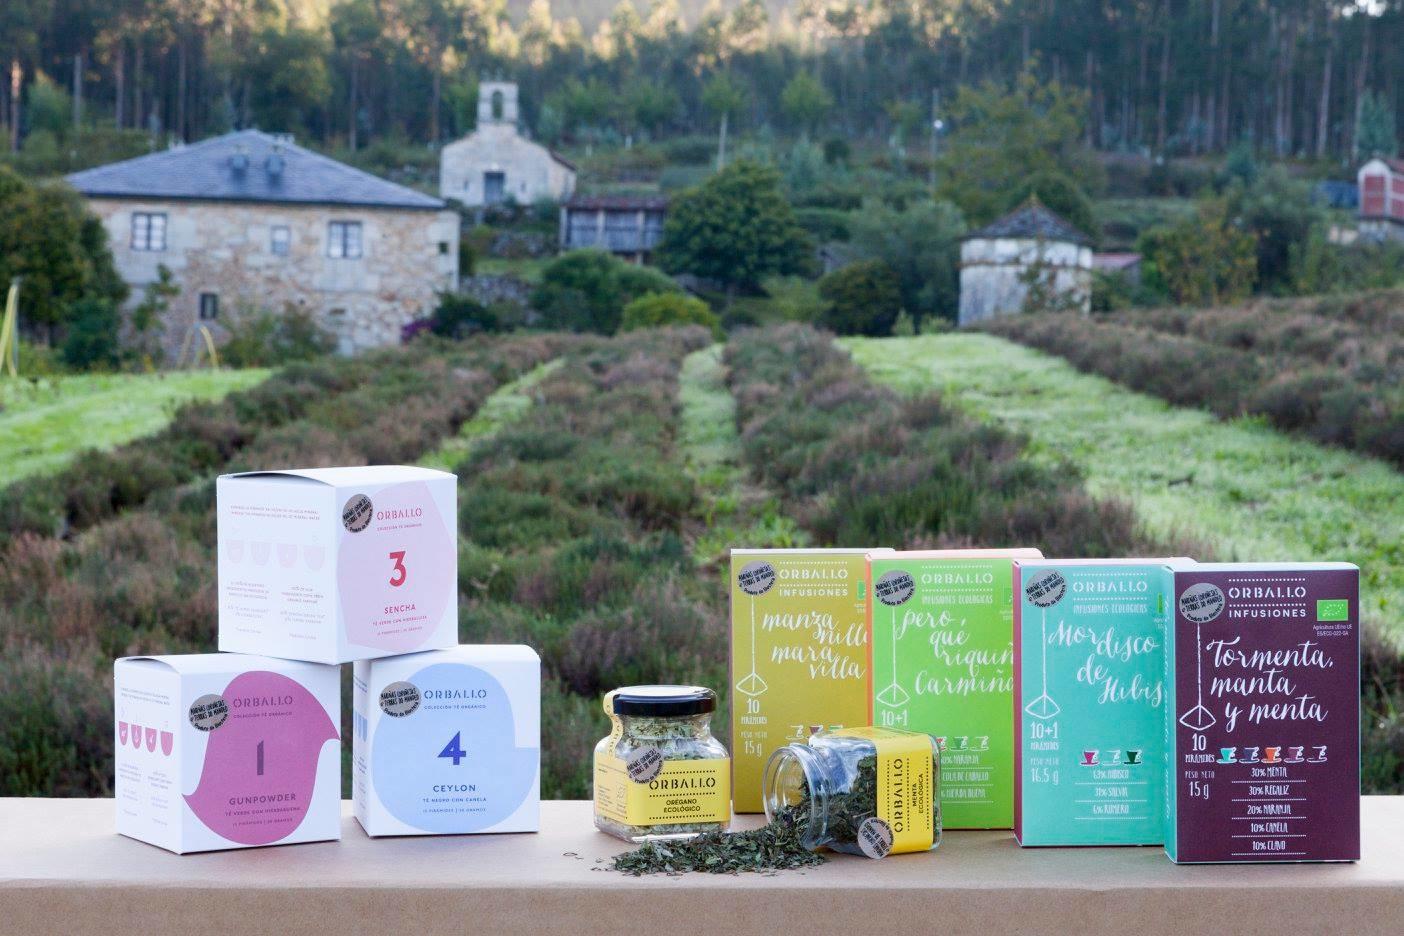 Cada vez son más las empresas que se lanzan a comercializar sus hierbas en prácticos formatos. Foto: Facebook Orballo.